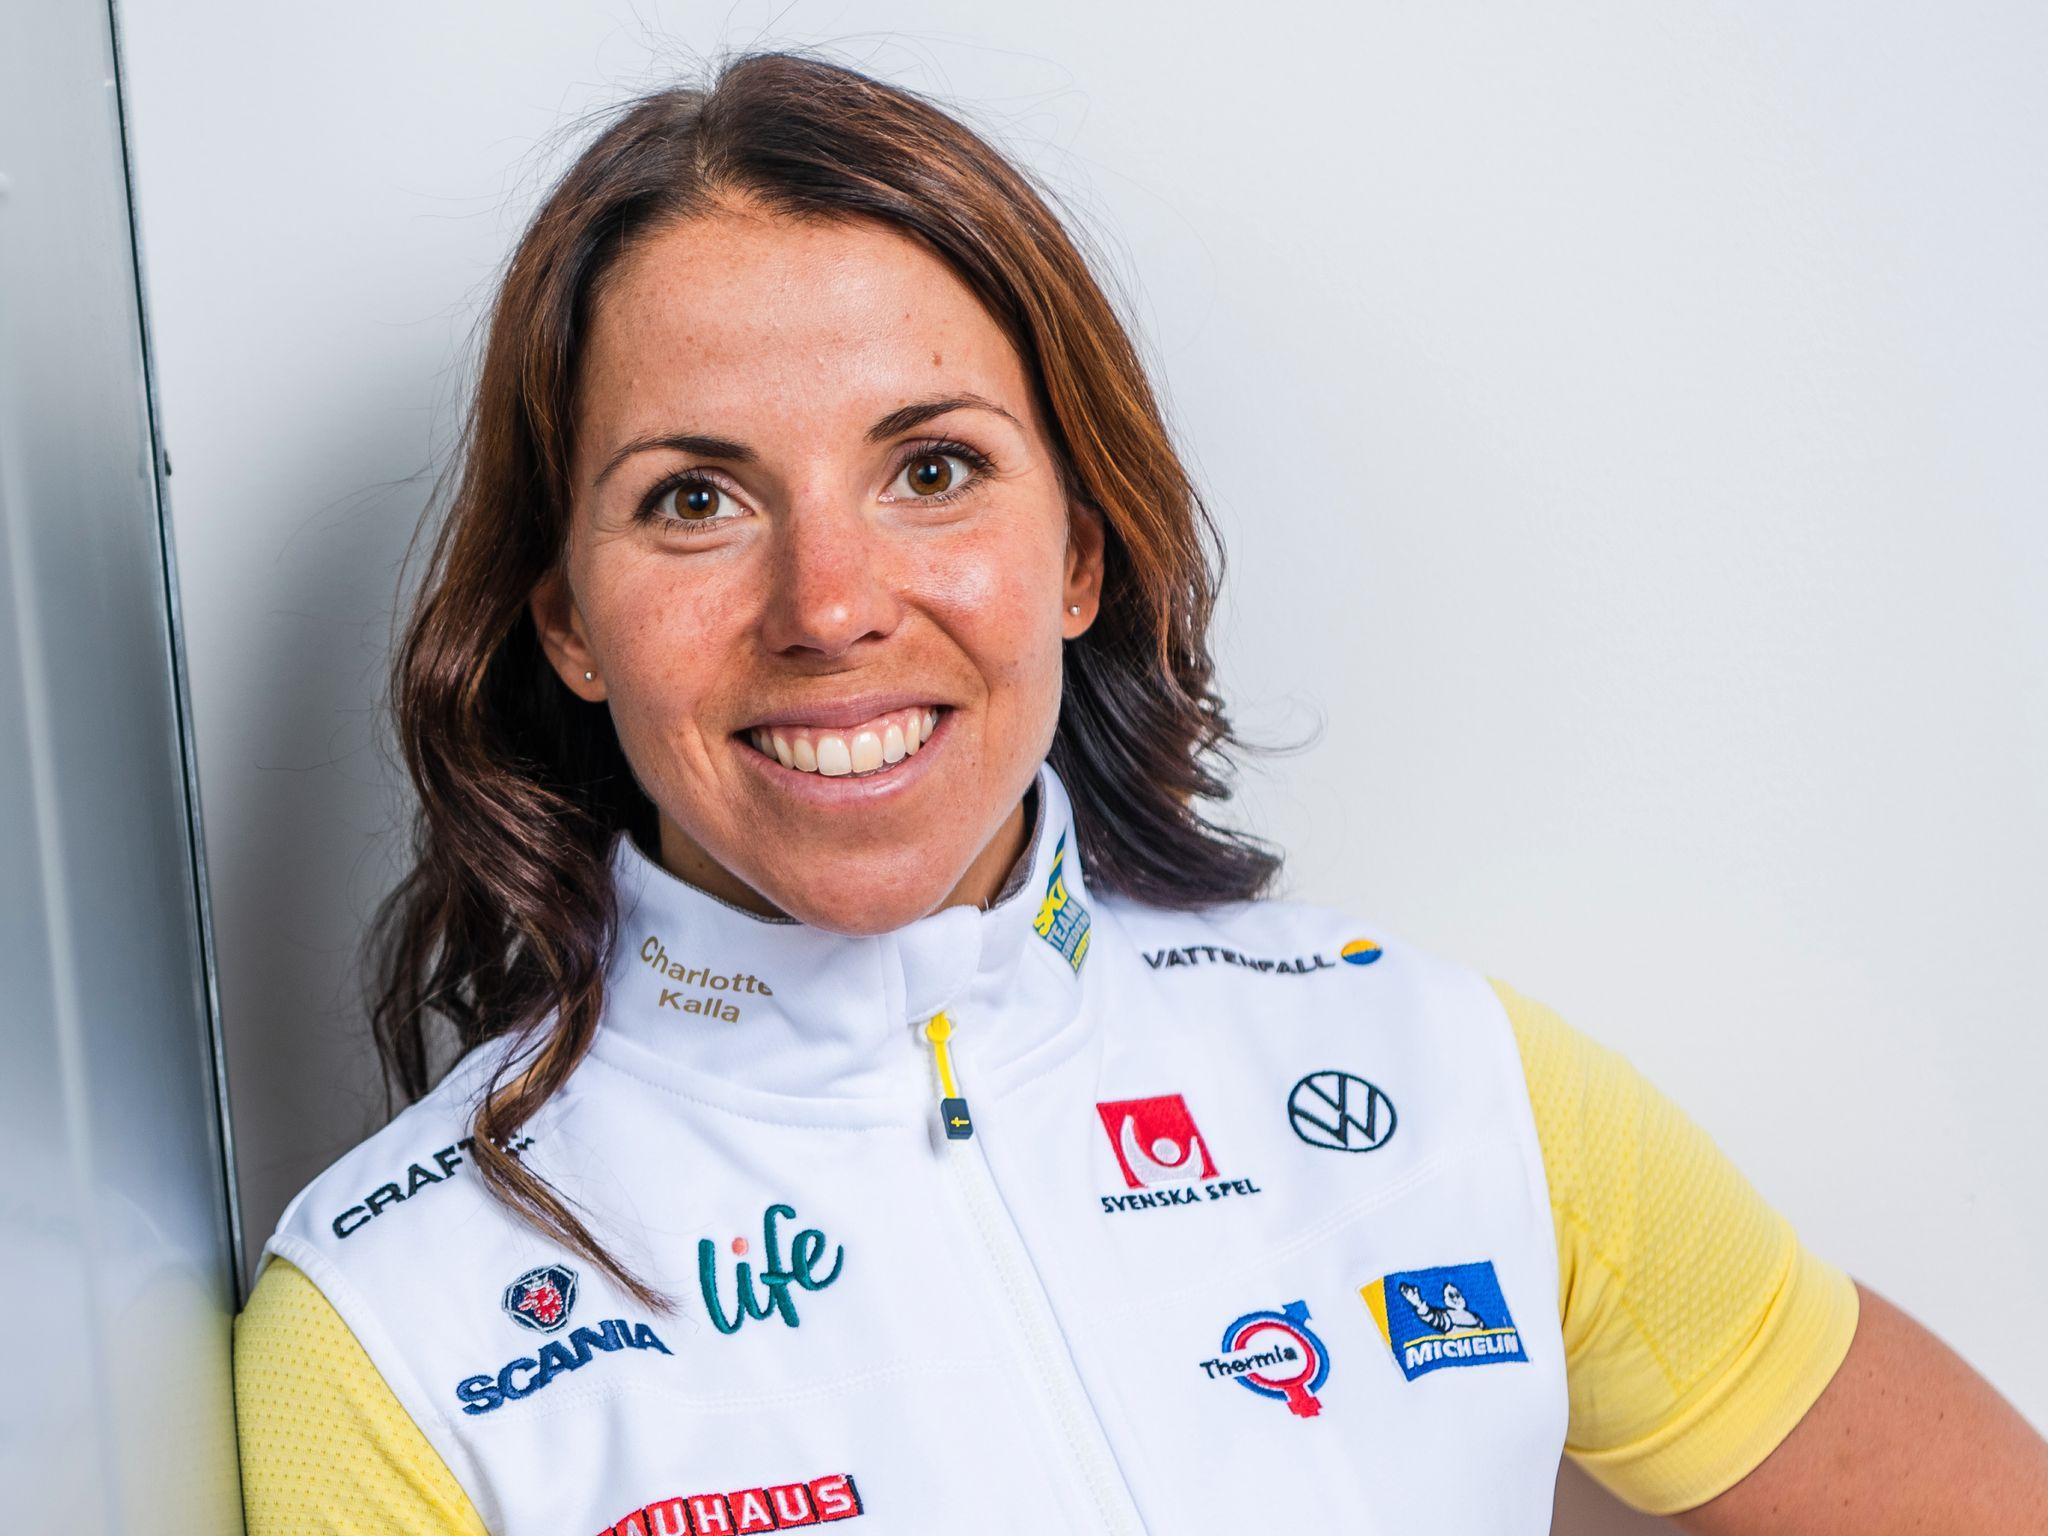 Svenske langrennsløpere truet med å gi seg på landslaget. Nå